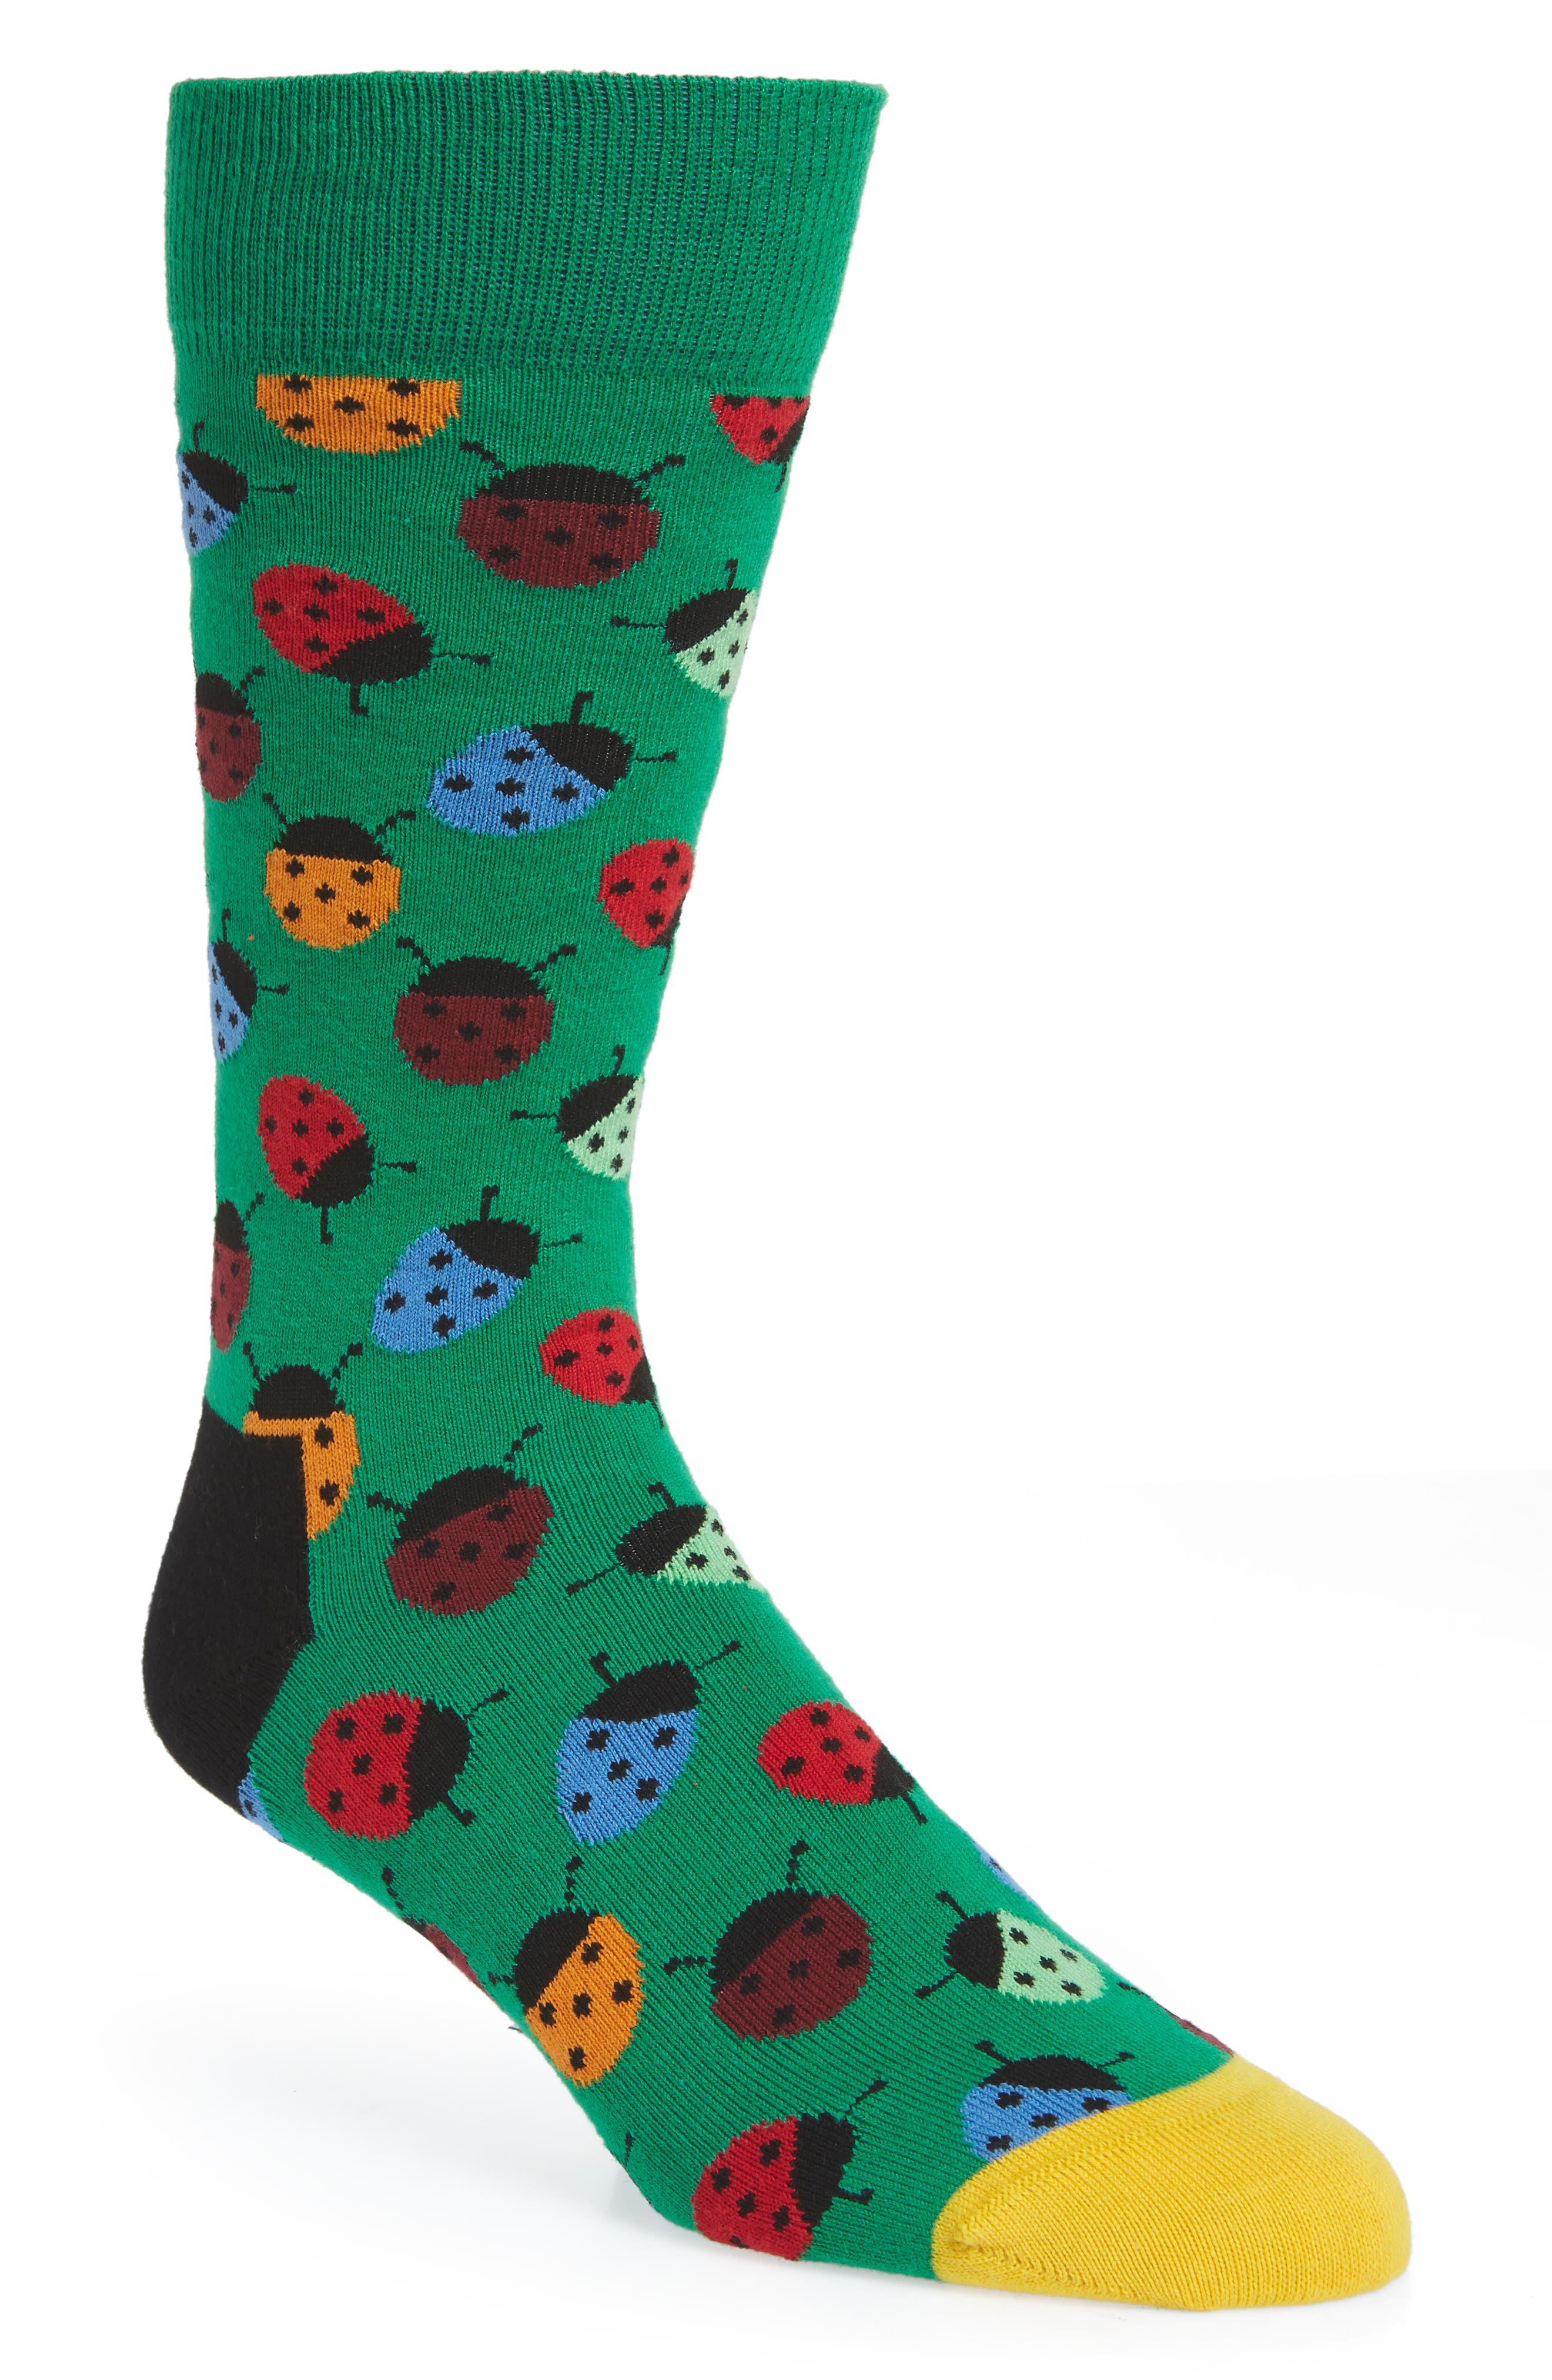 Ladybug Socks,                             Main thumbnail 1, color,                             314